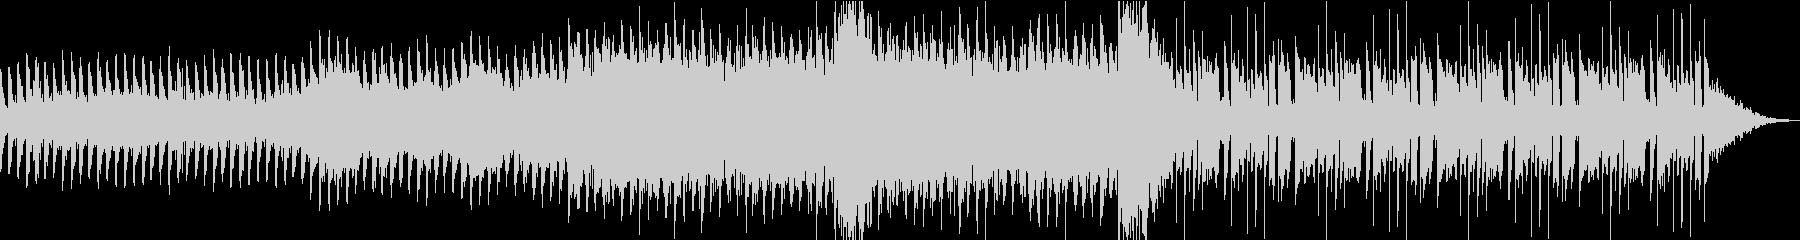 ショートムービー用 BGM の未再生の波形